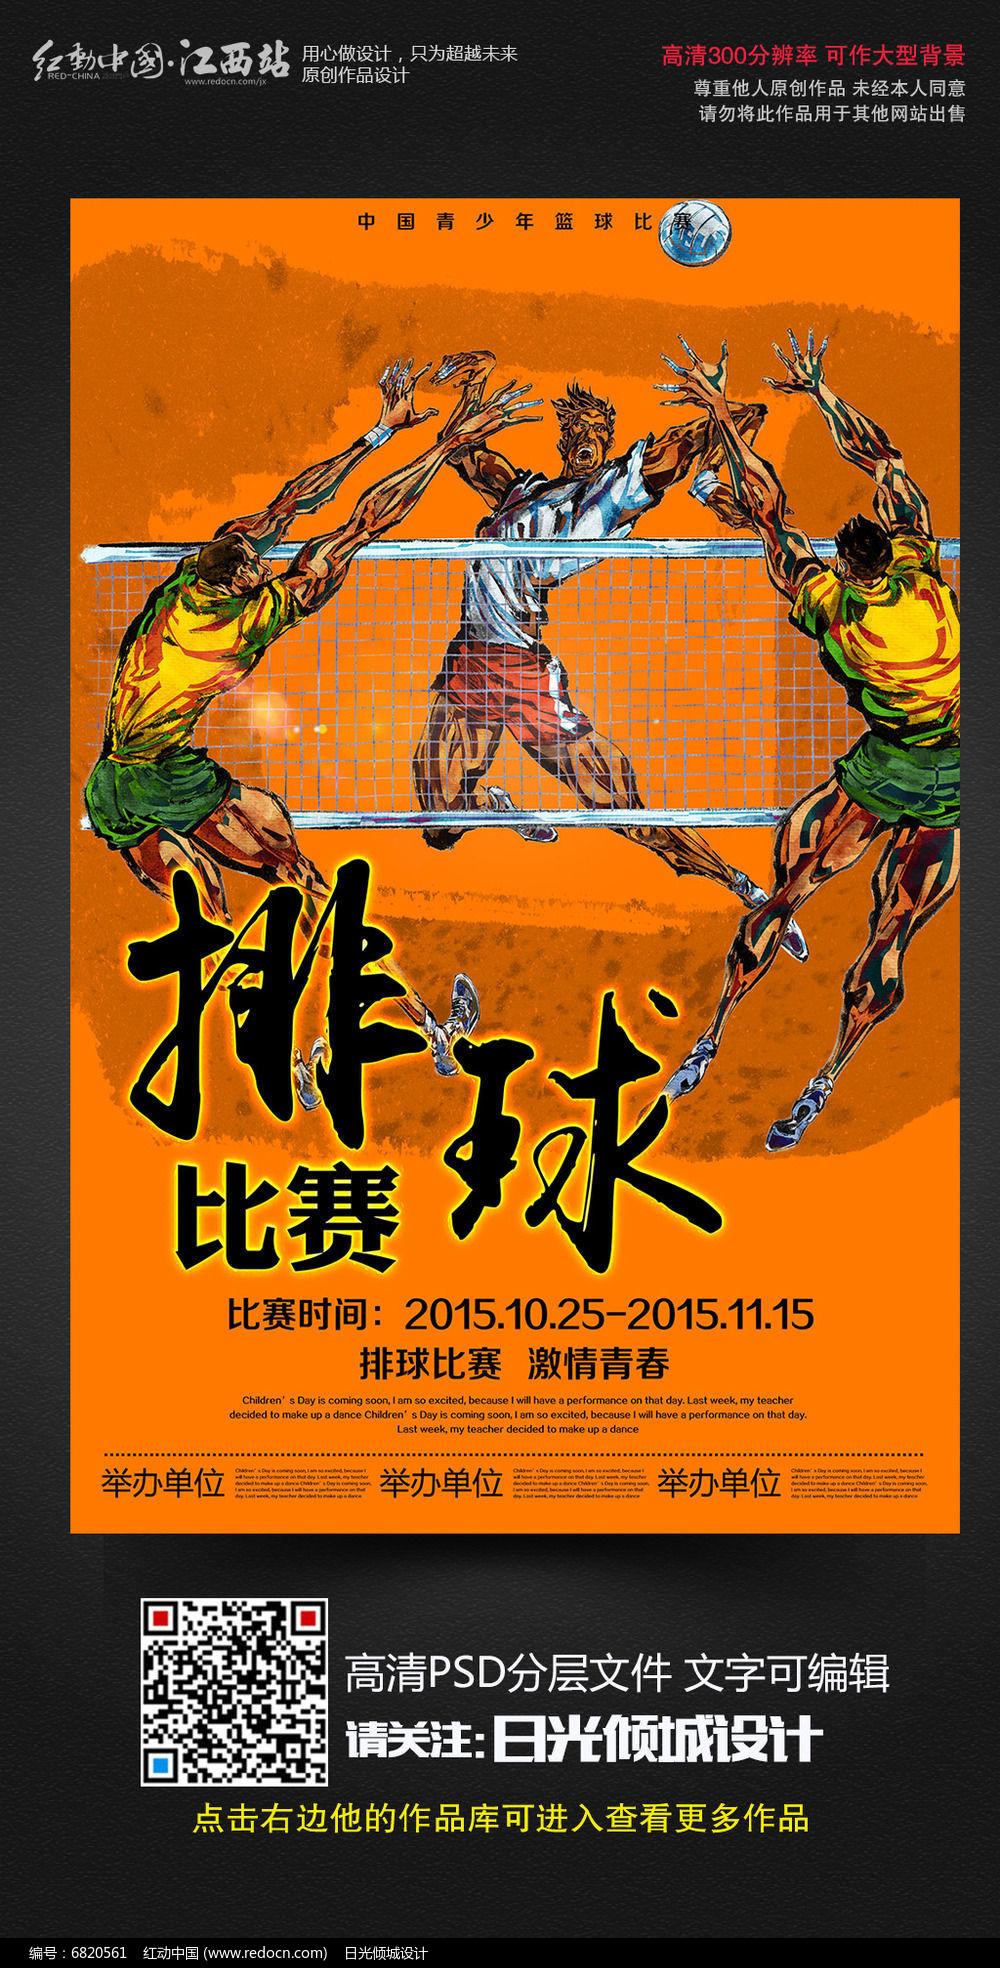 排球比赛宣传海报